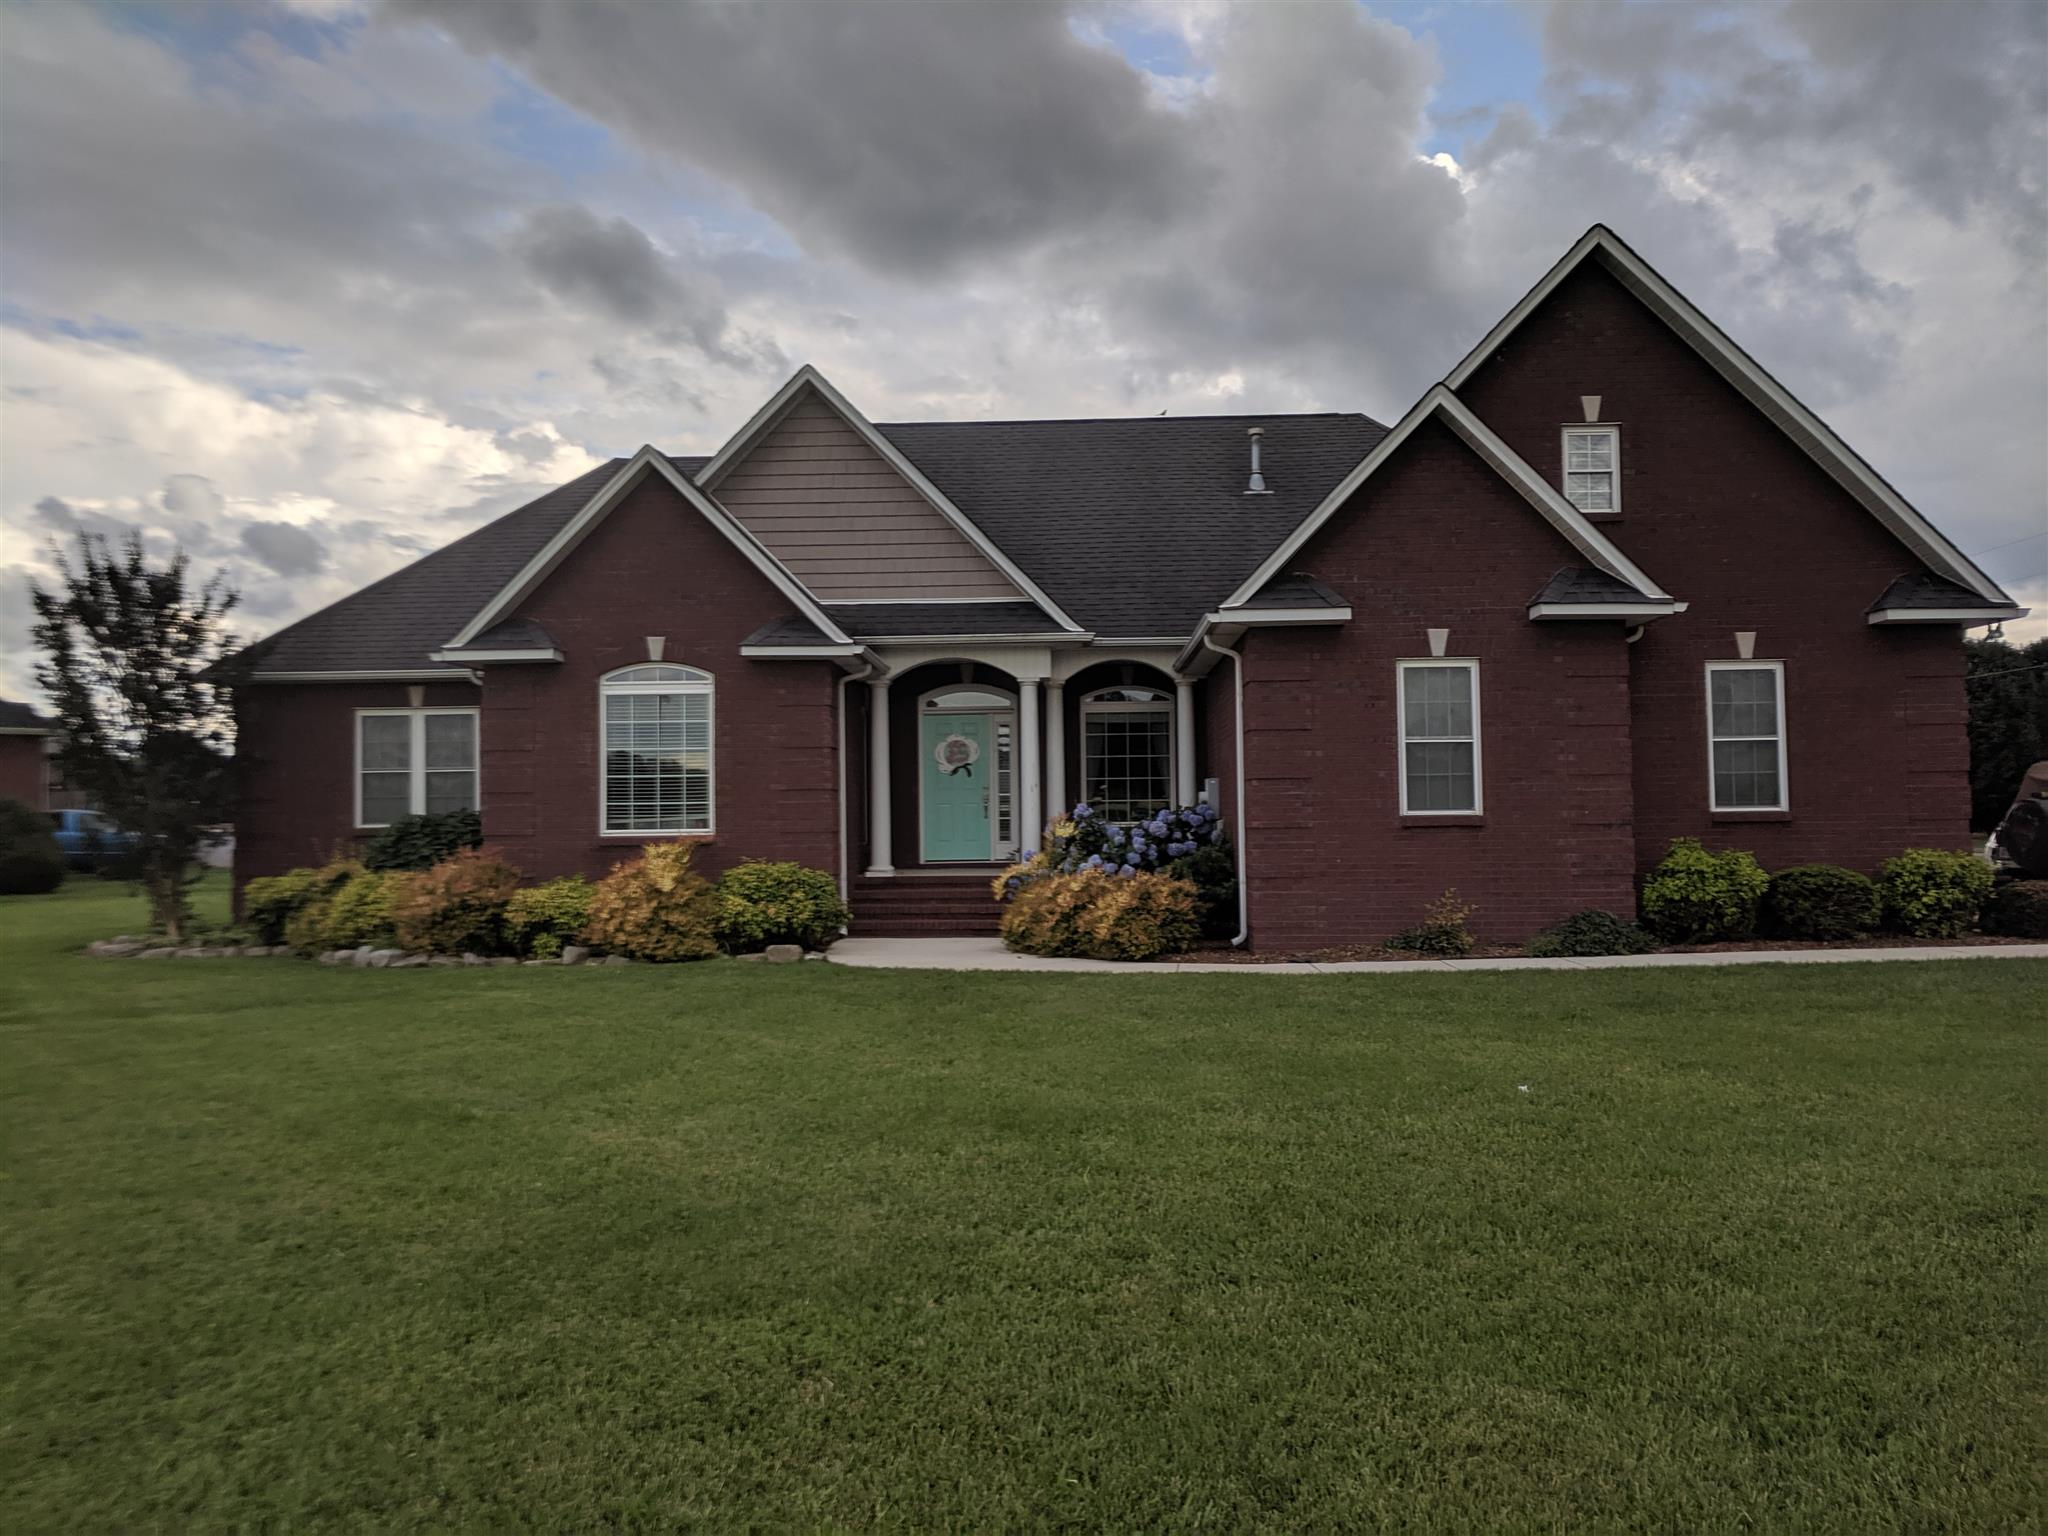 19 Mason Pl, Decherd, TN 37324 - Decherd, TN real estate listing